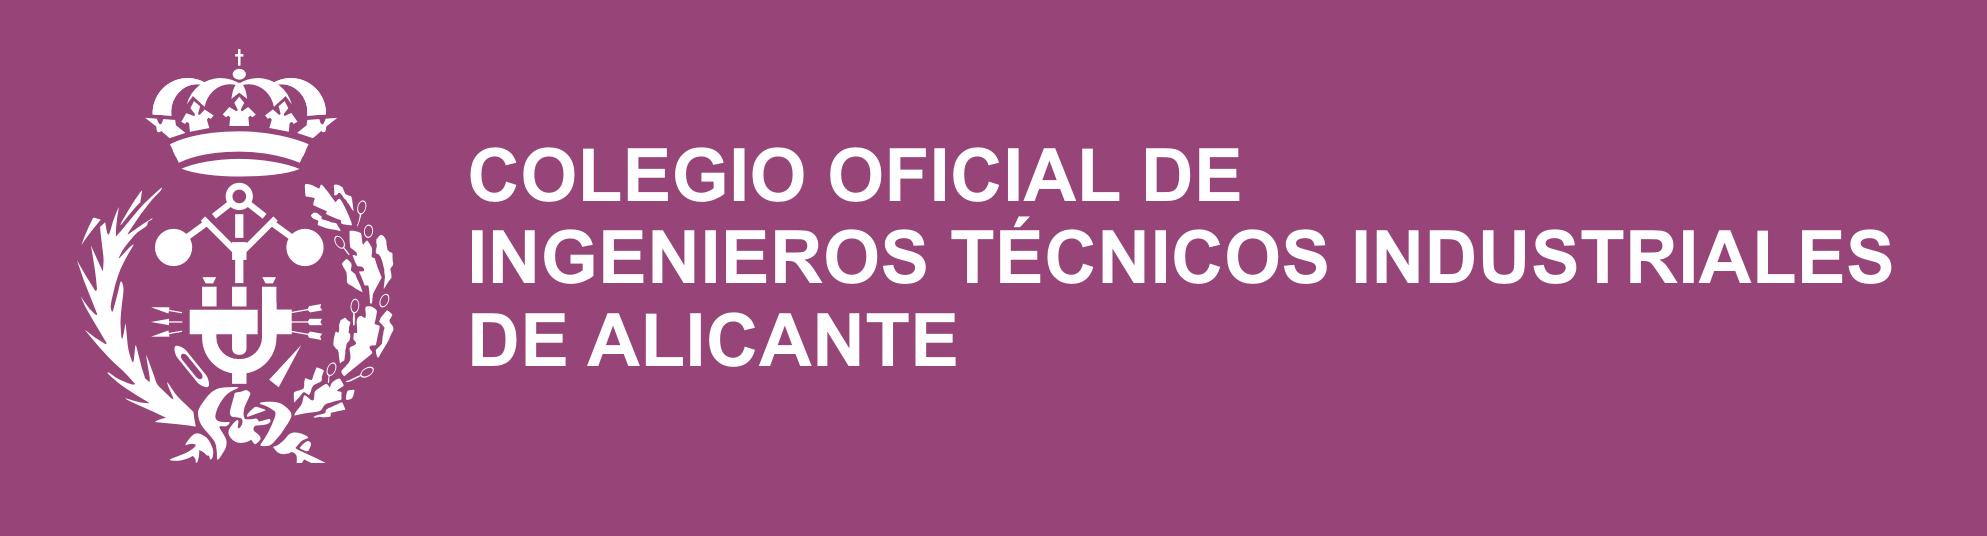 Logo de Colegio Oficial de Ingenieros Técnicos Industriales de Alicante